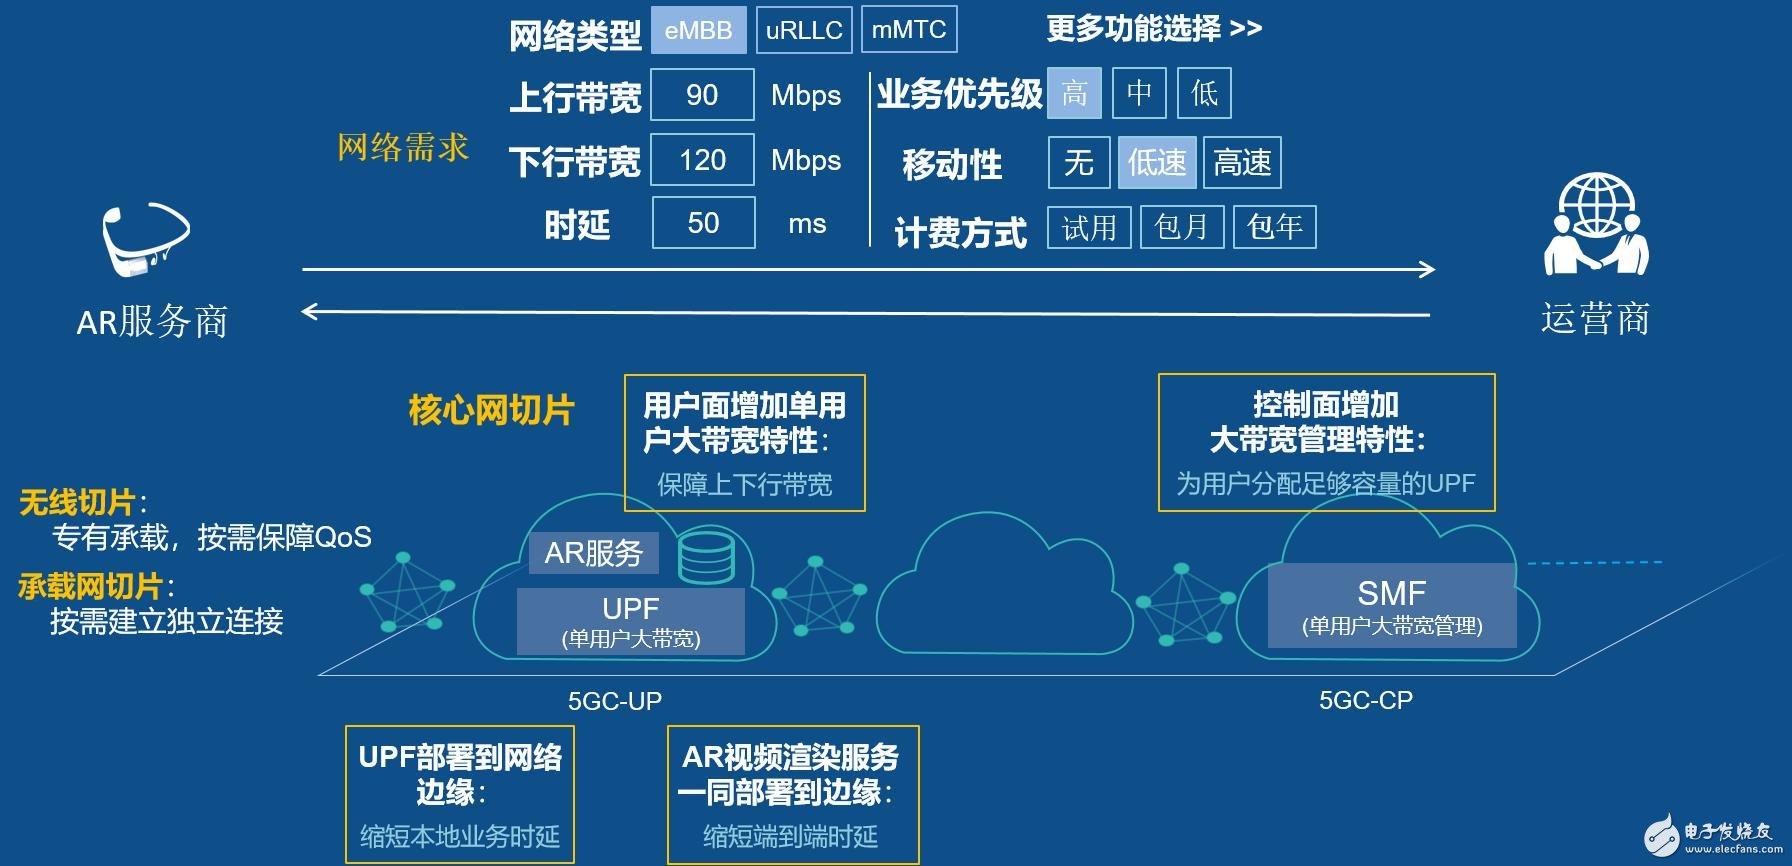 华为5G切片和AR辅助远程维修服务亮相天翼智能生态博览会